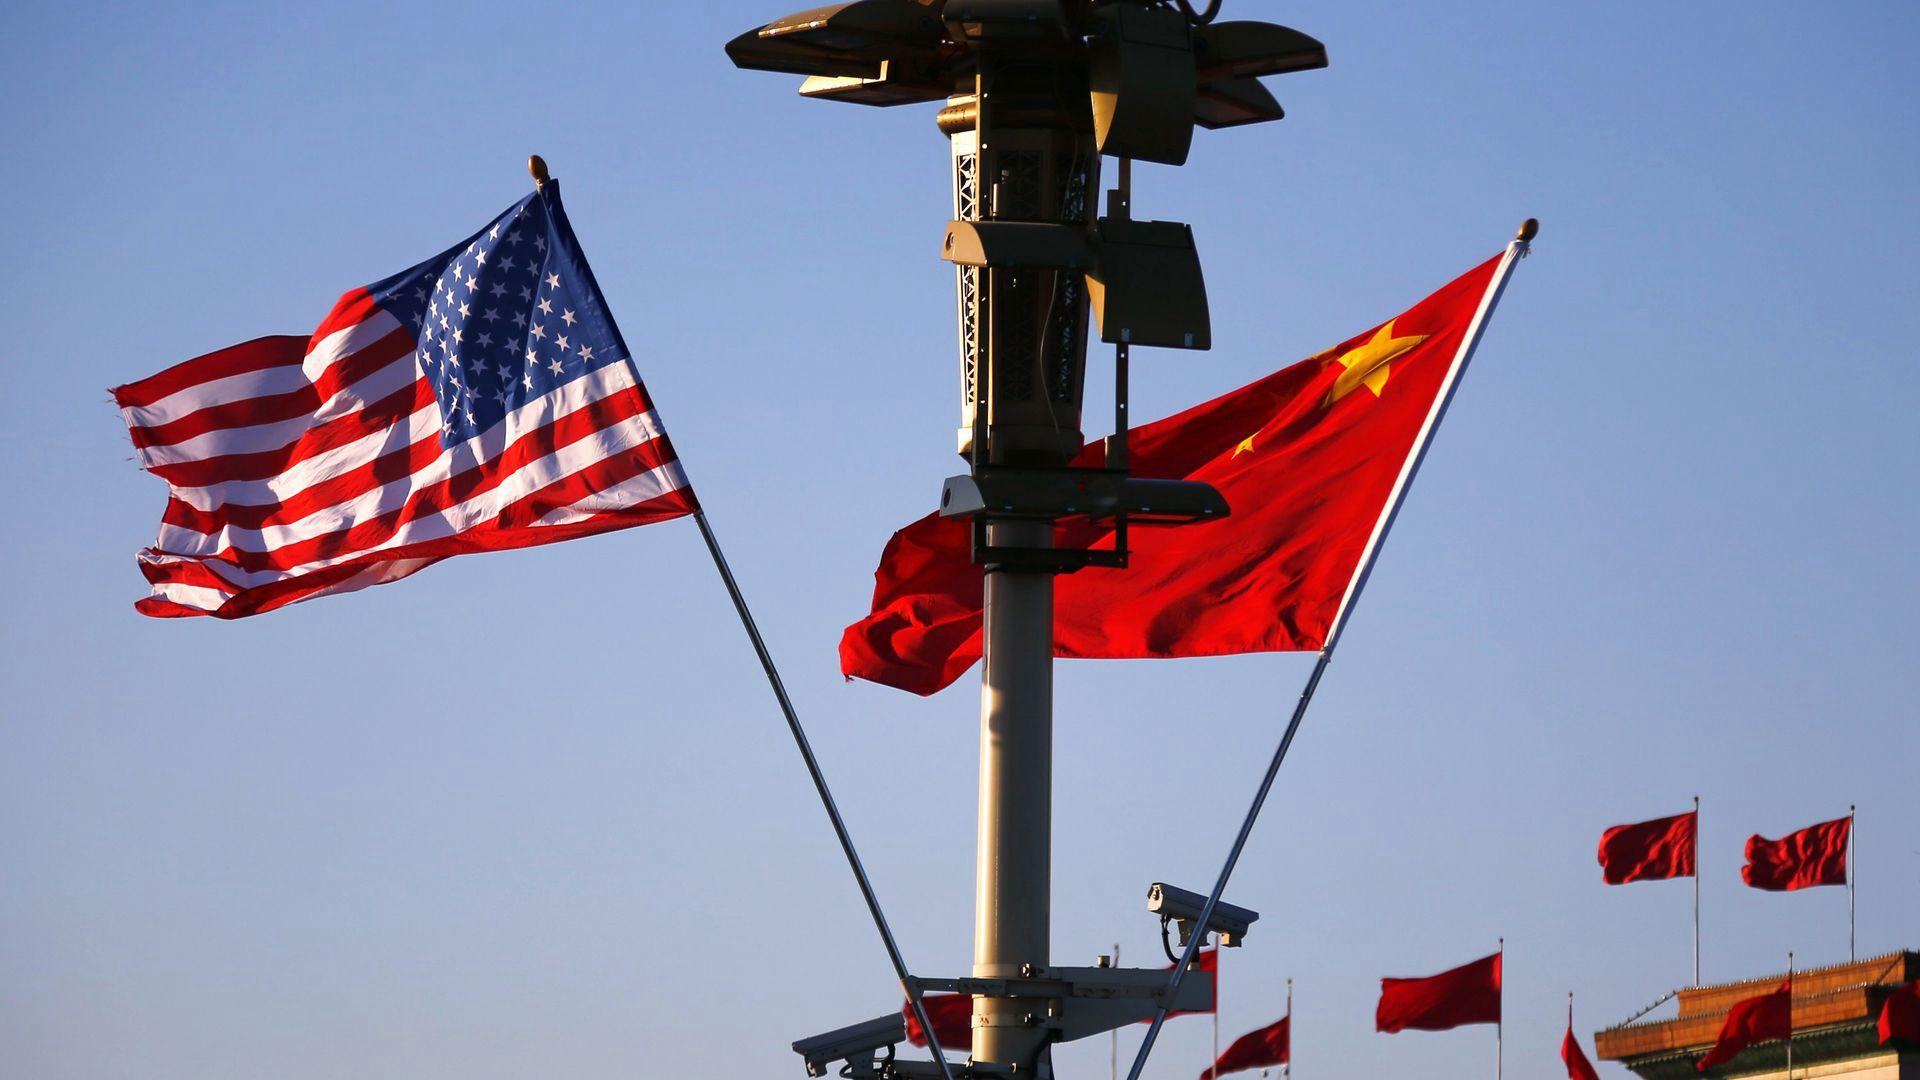 中美关系如今仍没有理顺,北京期待华盛顿能够以合作为主基调。(路透社)